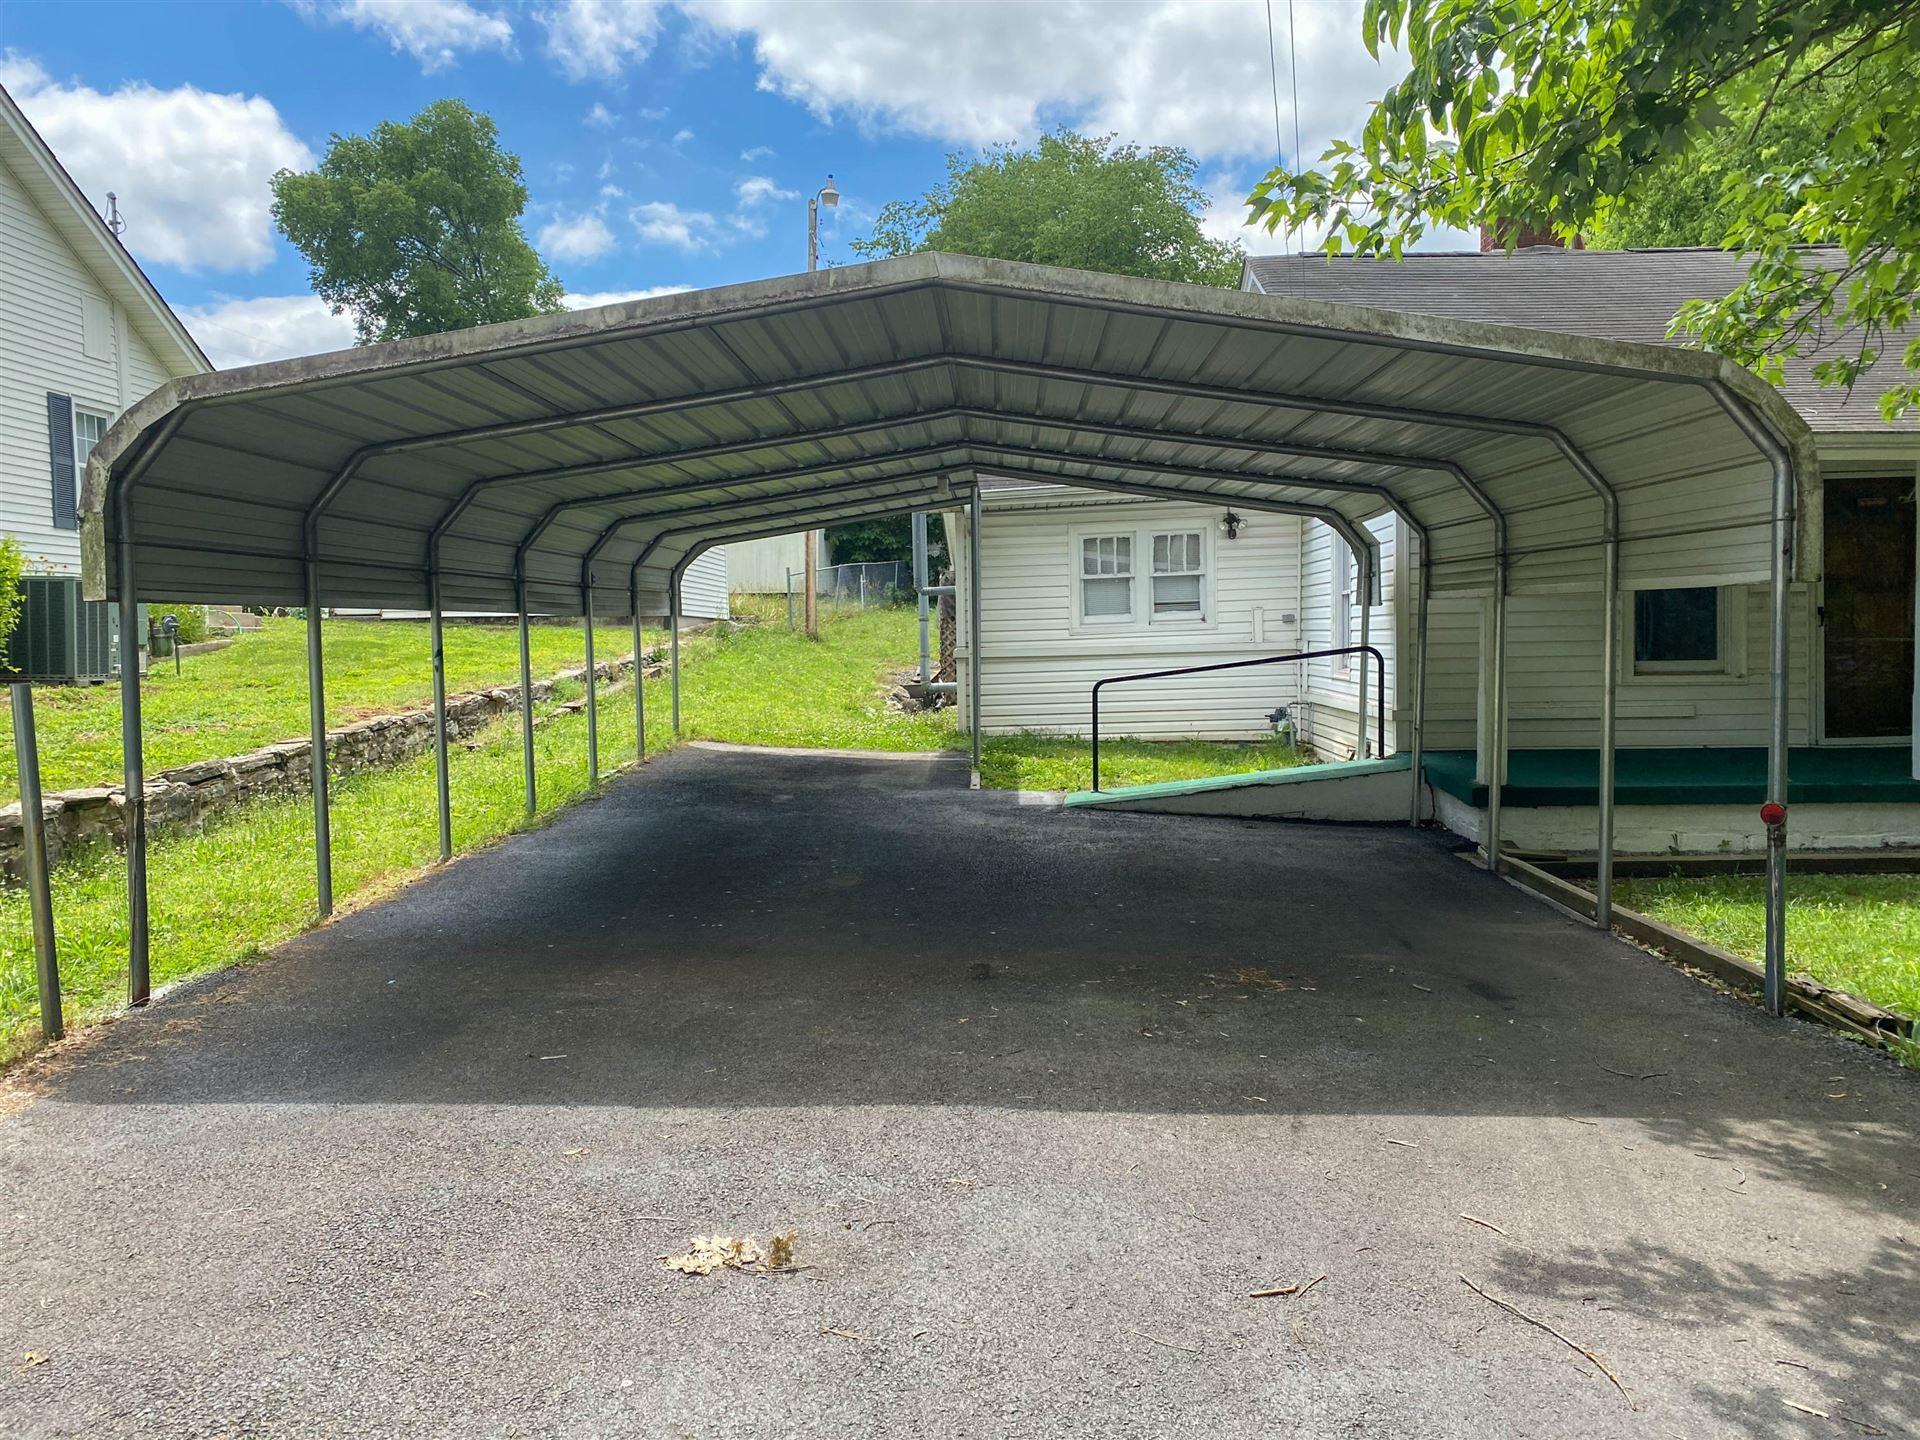 Photo of 517 Hendrickson St, Clinton, TN 37716 (MLS # 1120166)